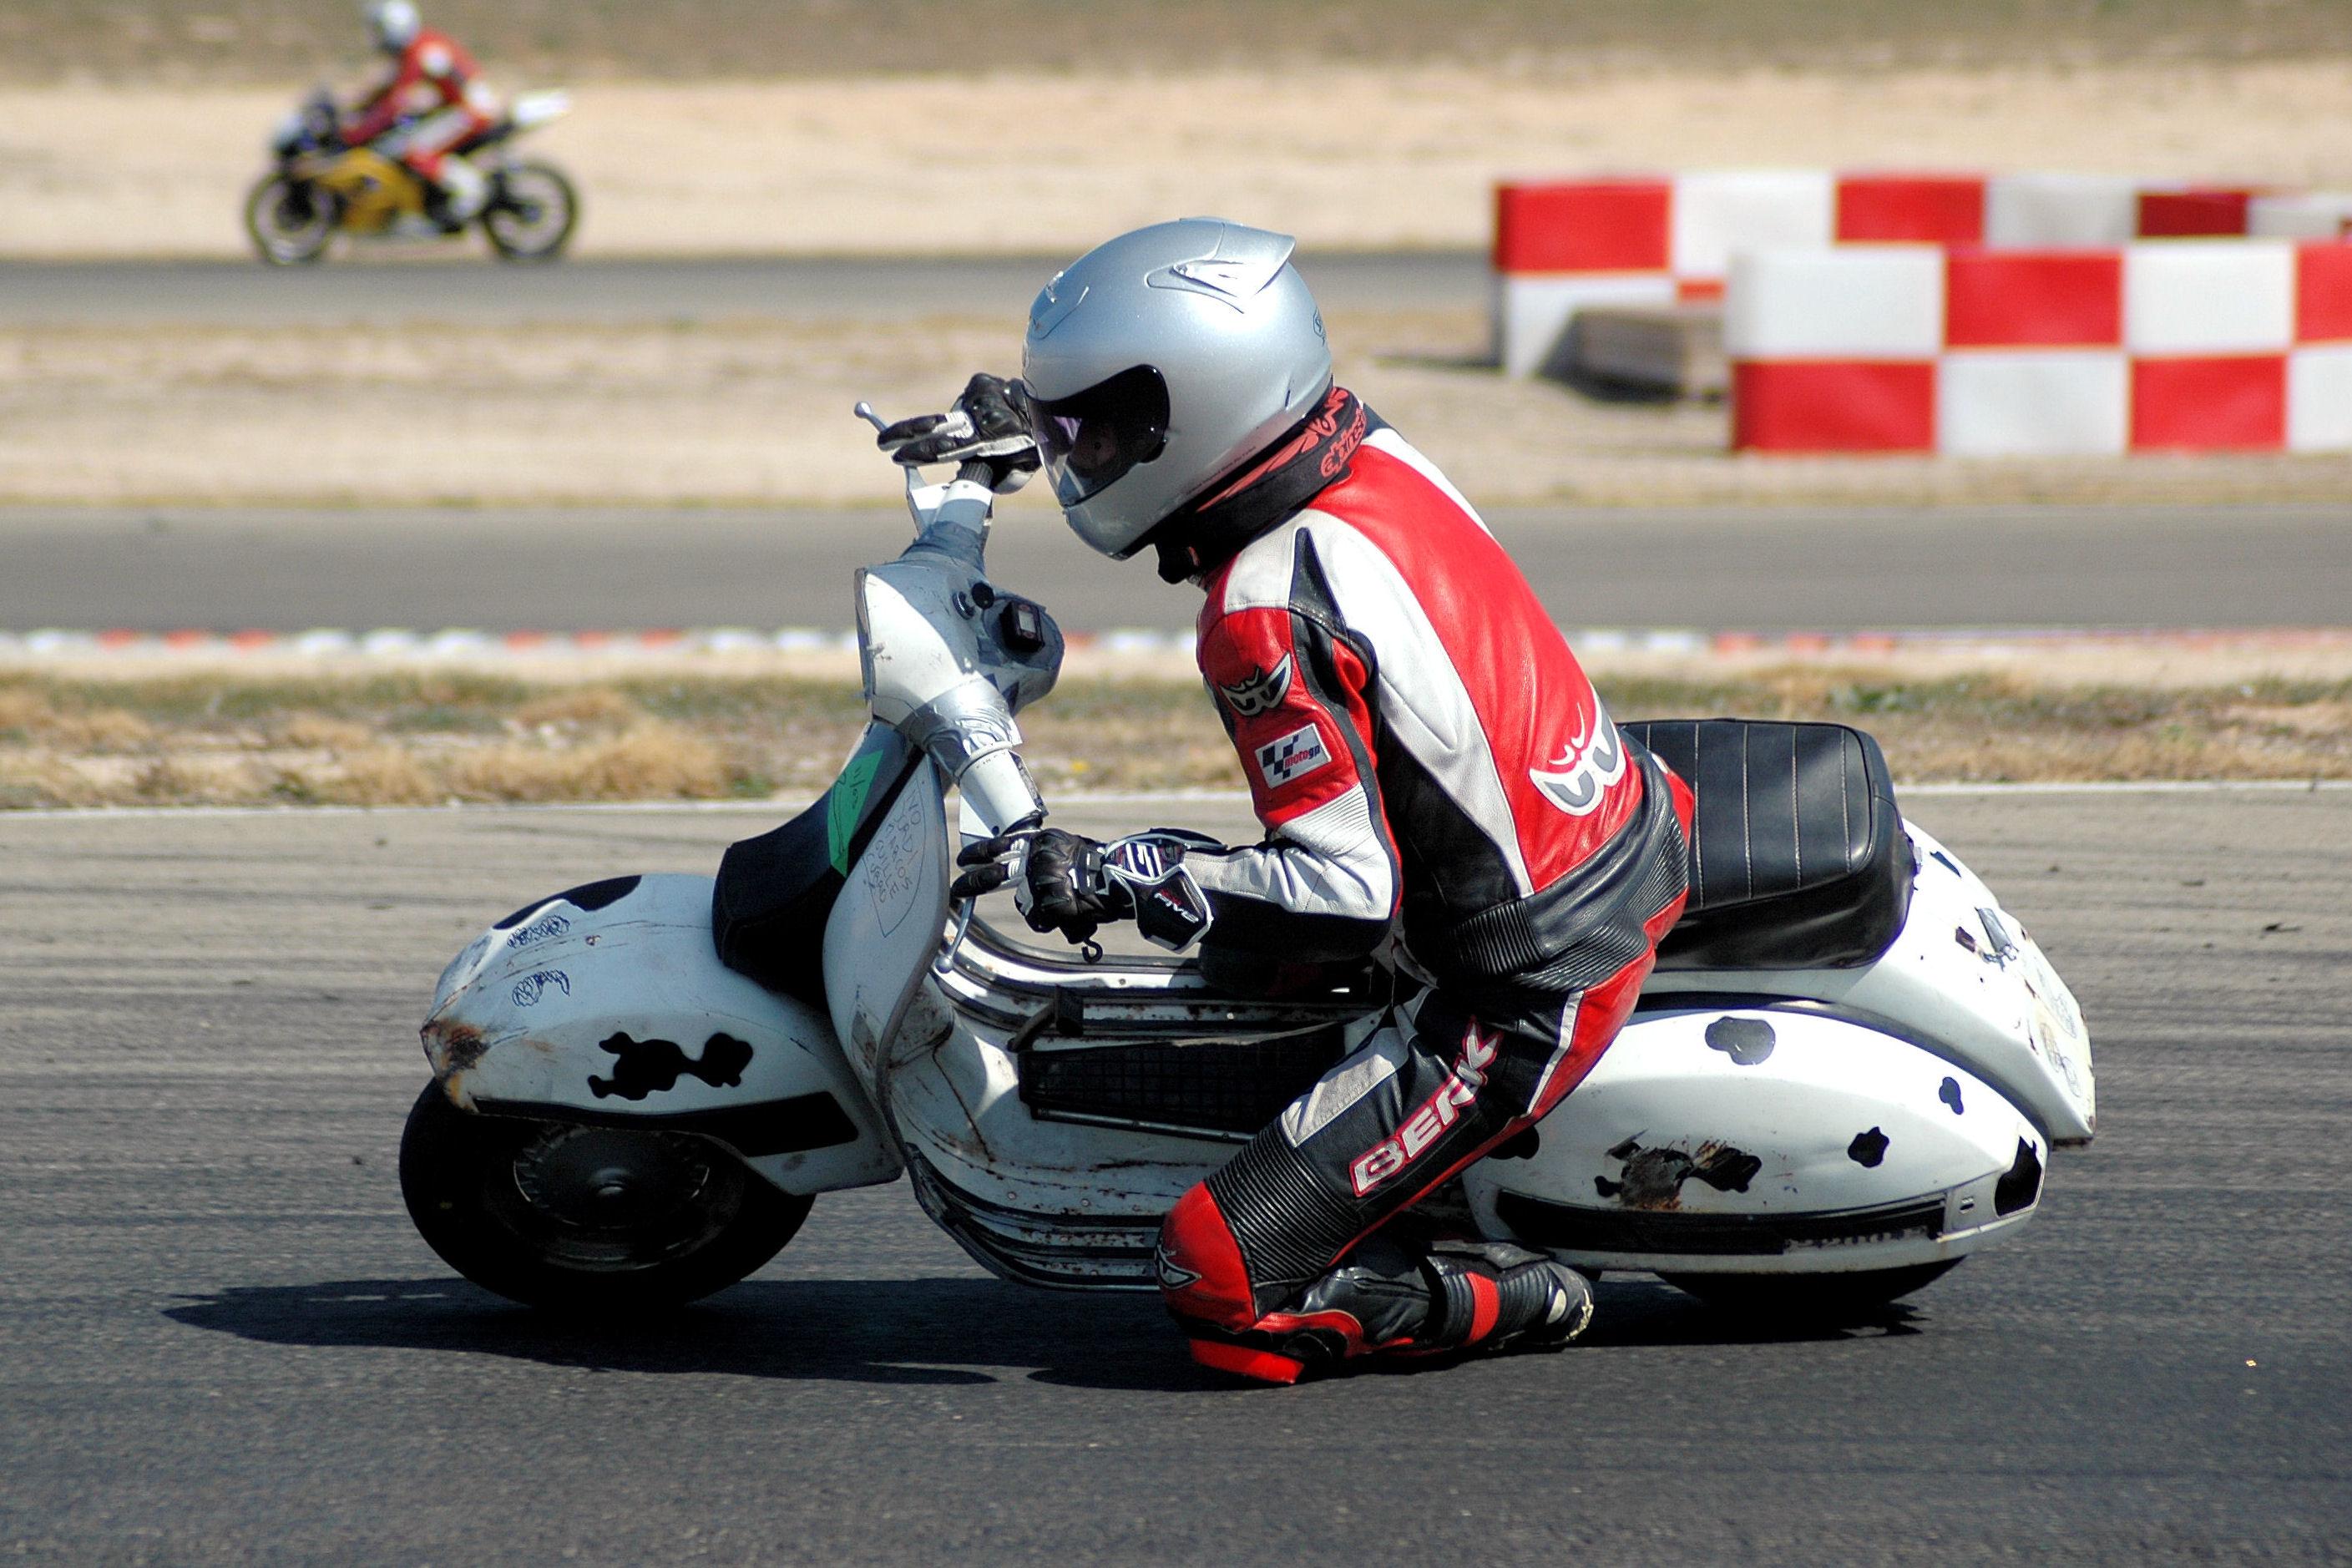 Circuito Zuera : Ivo vespa las carreras circuito de zuera domingo 11 de marzo 2012